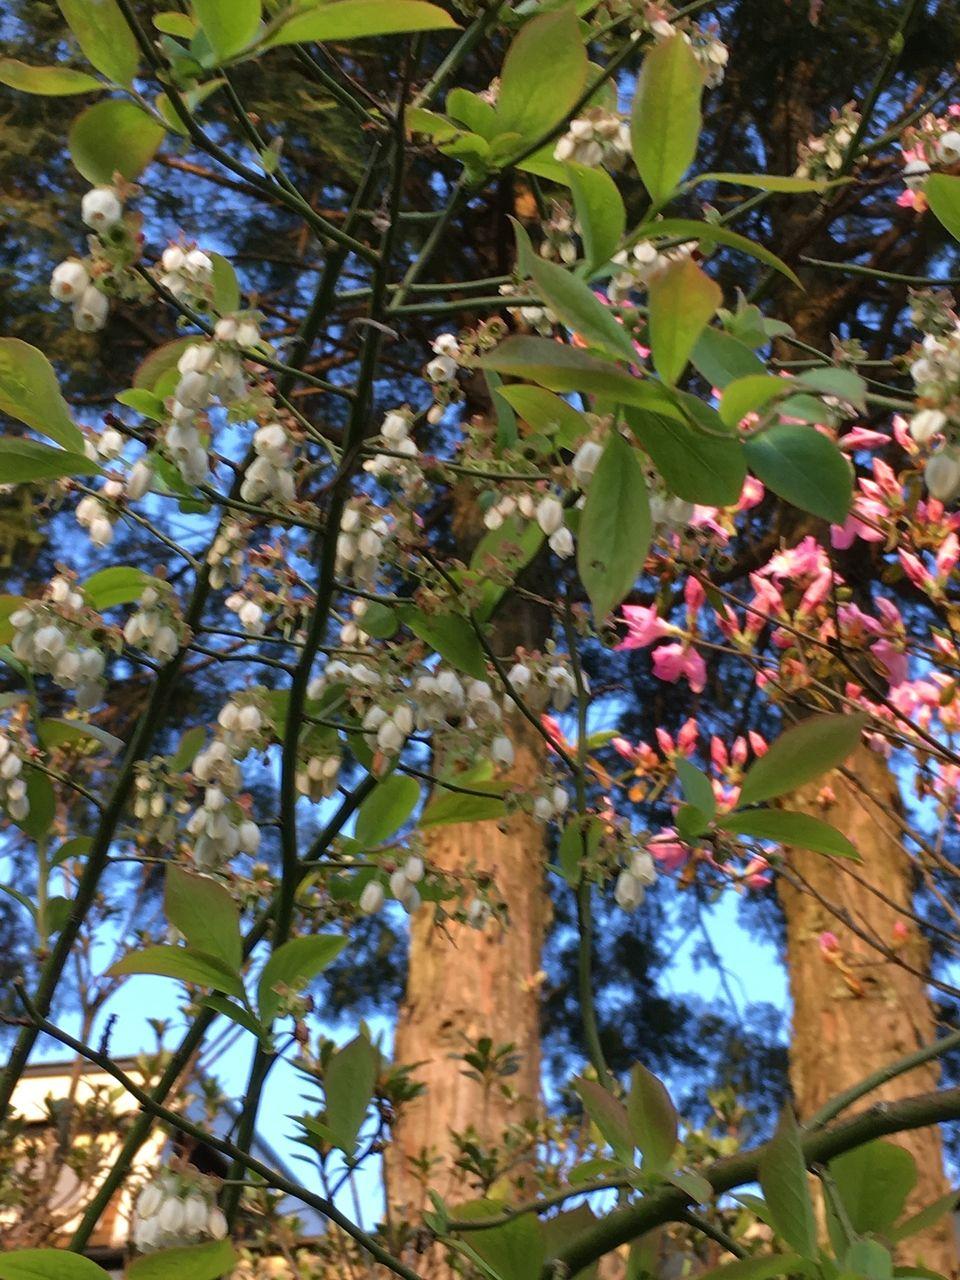 ブルーベリーの花と躑躅の花のコラボレーションです。